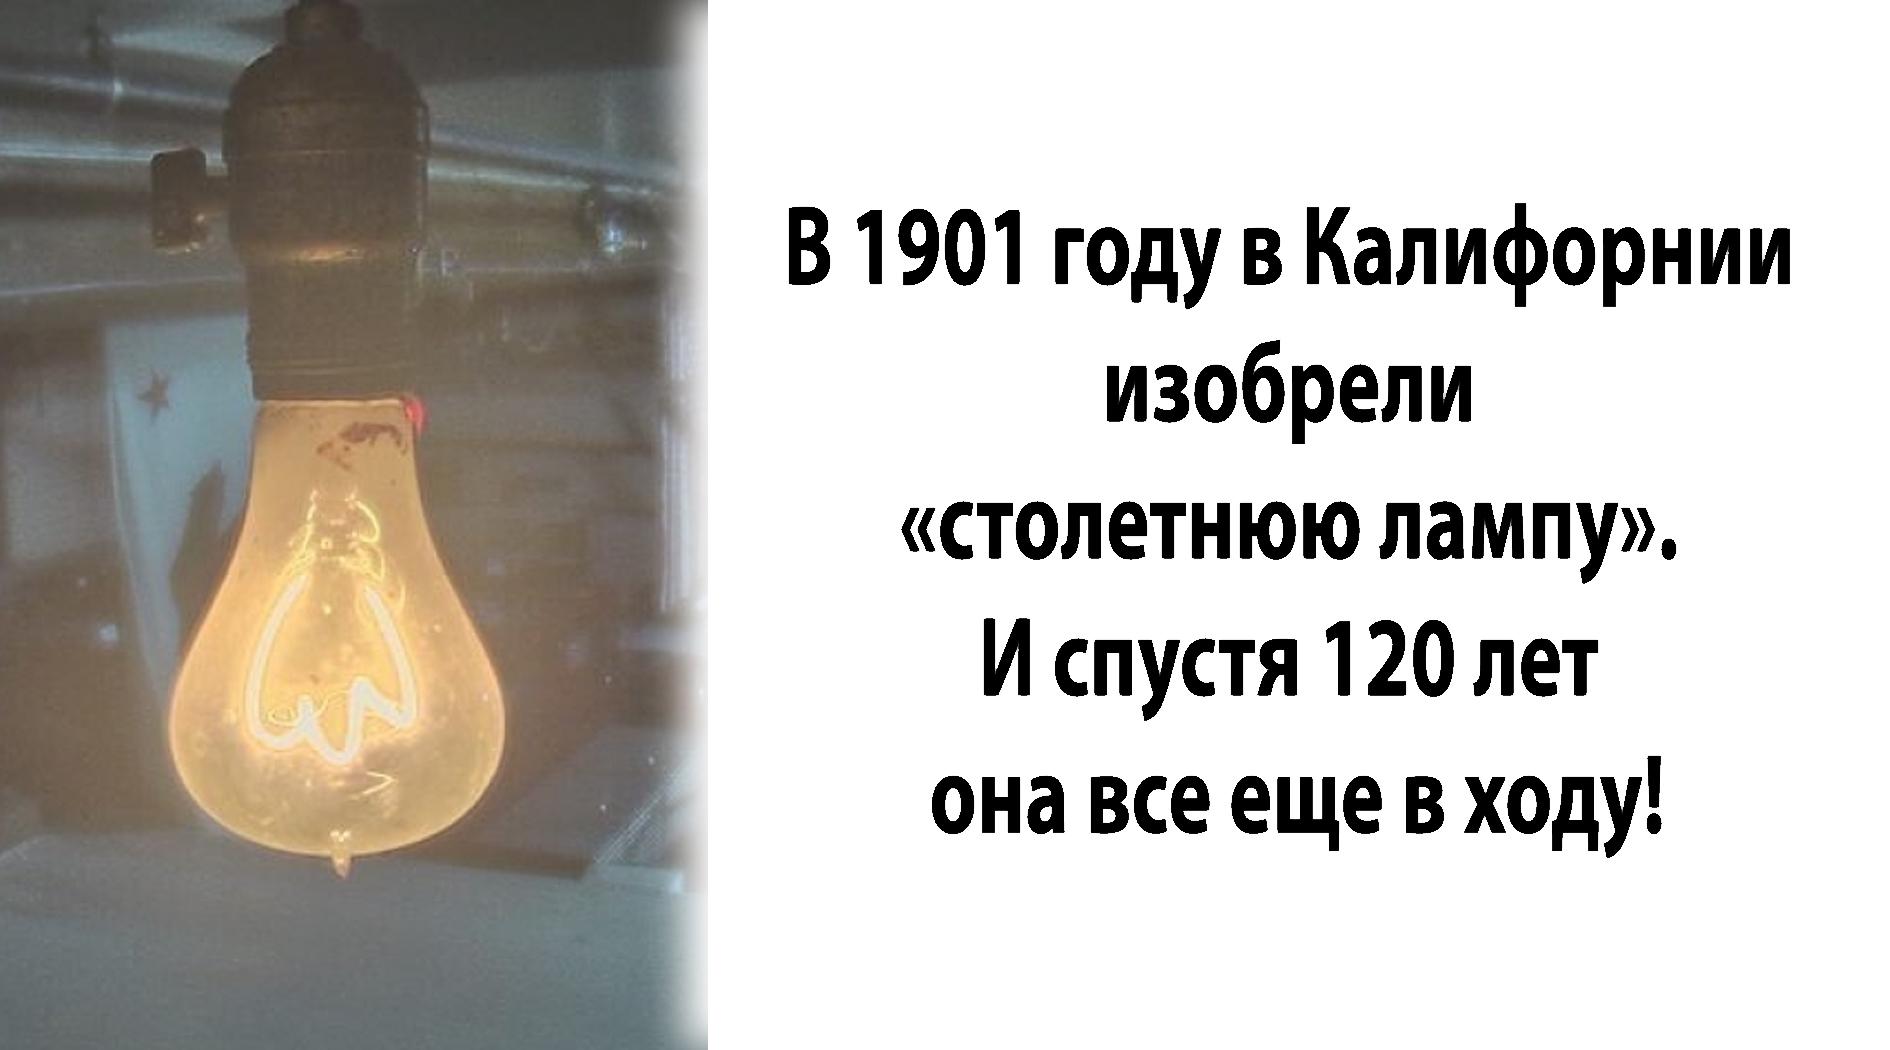 1618326580_58777.jpg